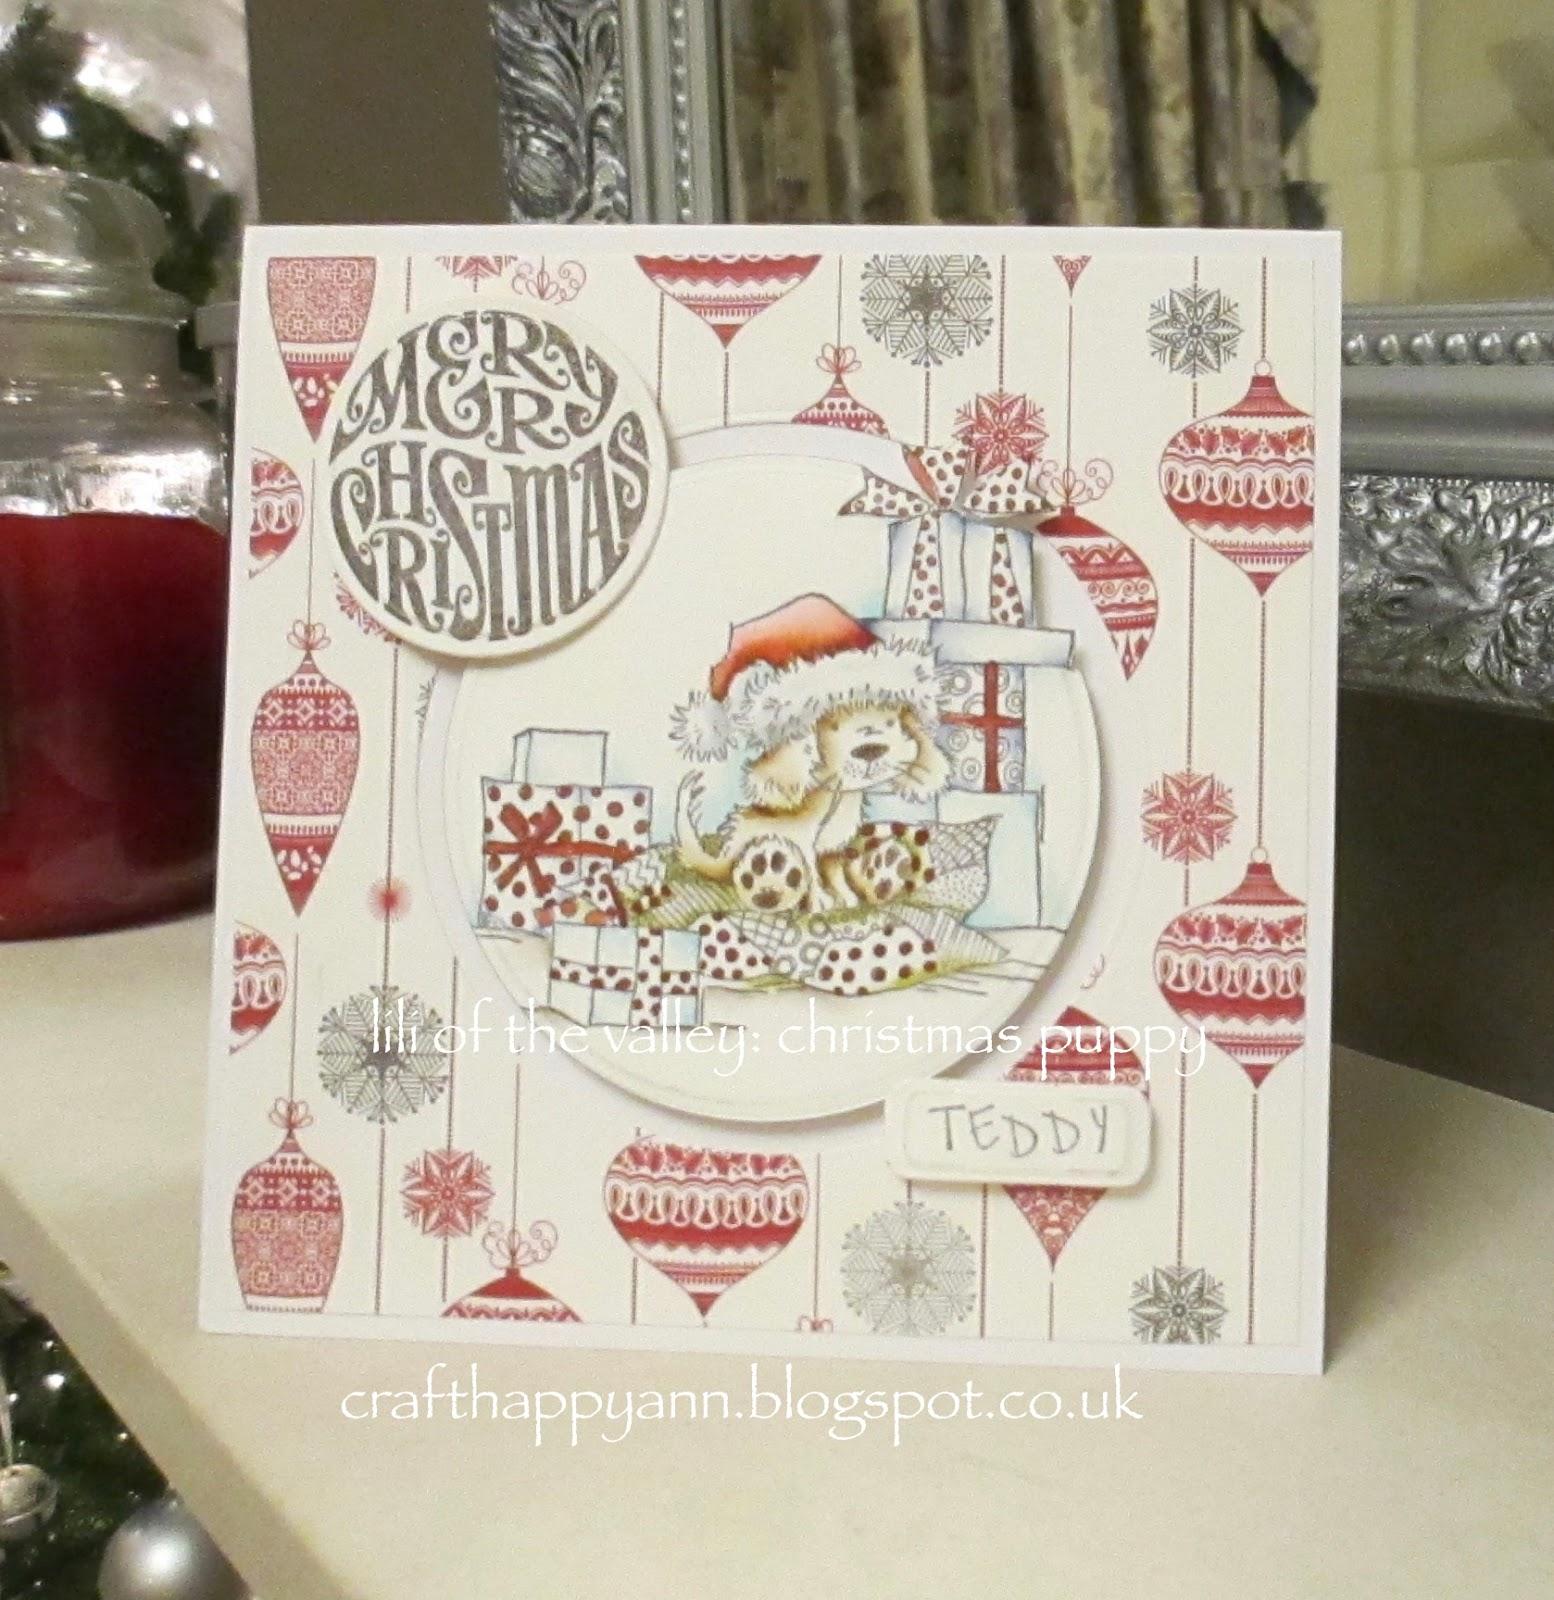 craft happy ann: Merry Christmas - Teddy & Caragh Aoife